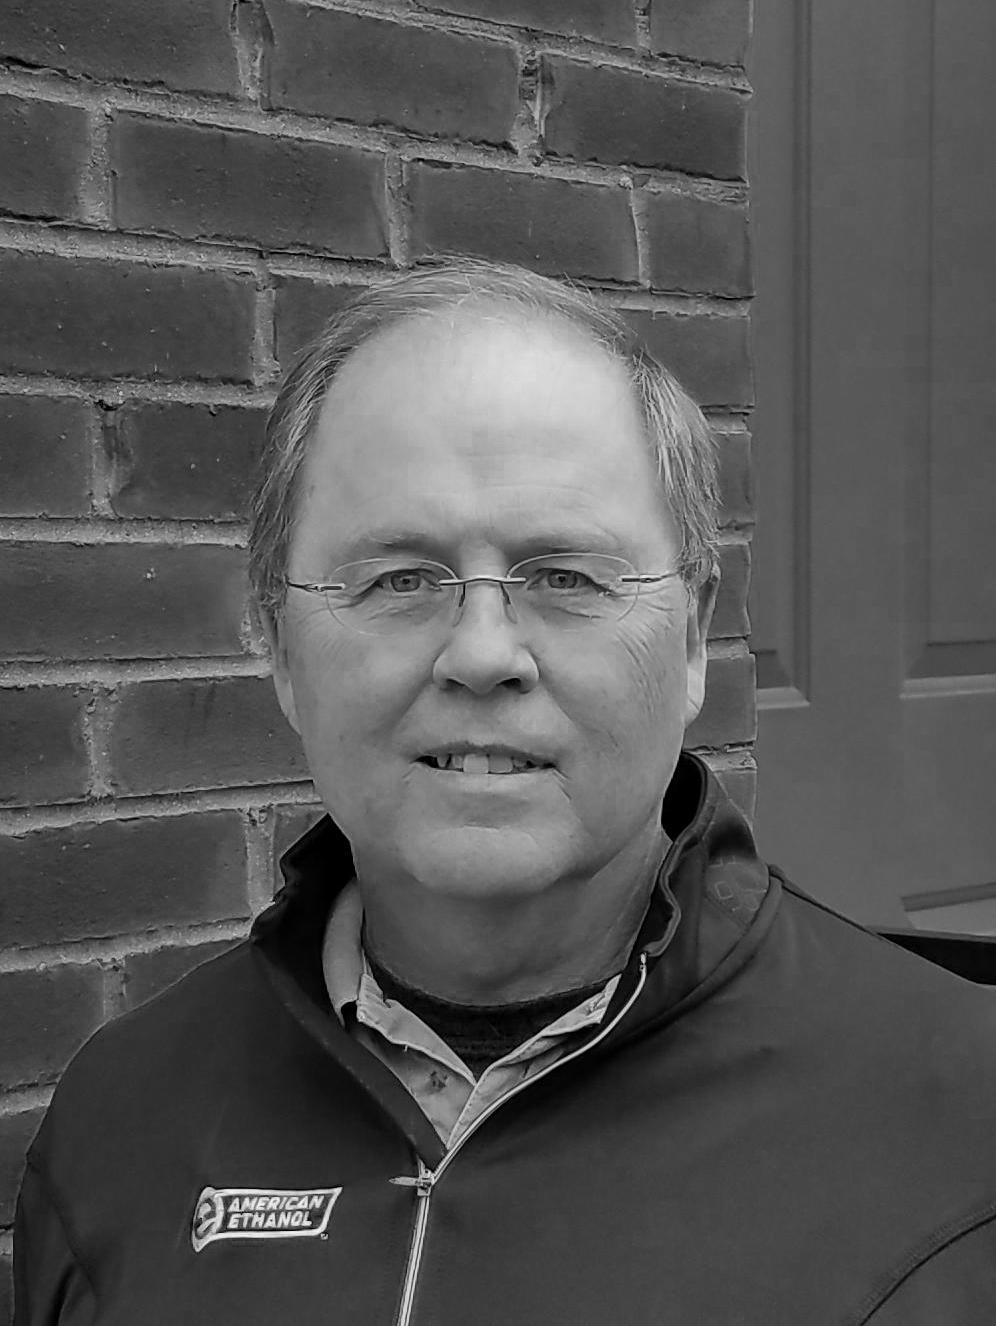 KEITH KOHLMANN | SENIOR ACCOUNT MANAGER